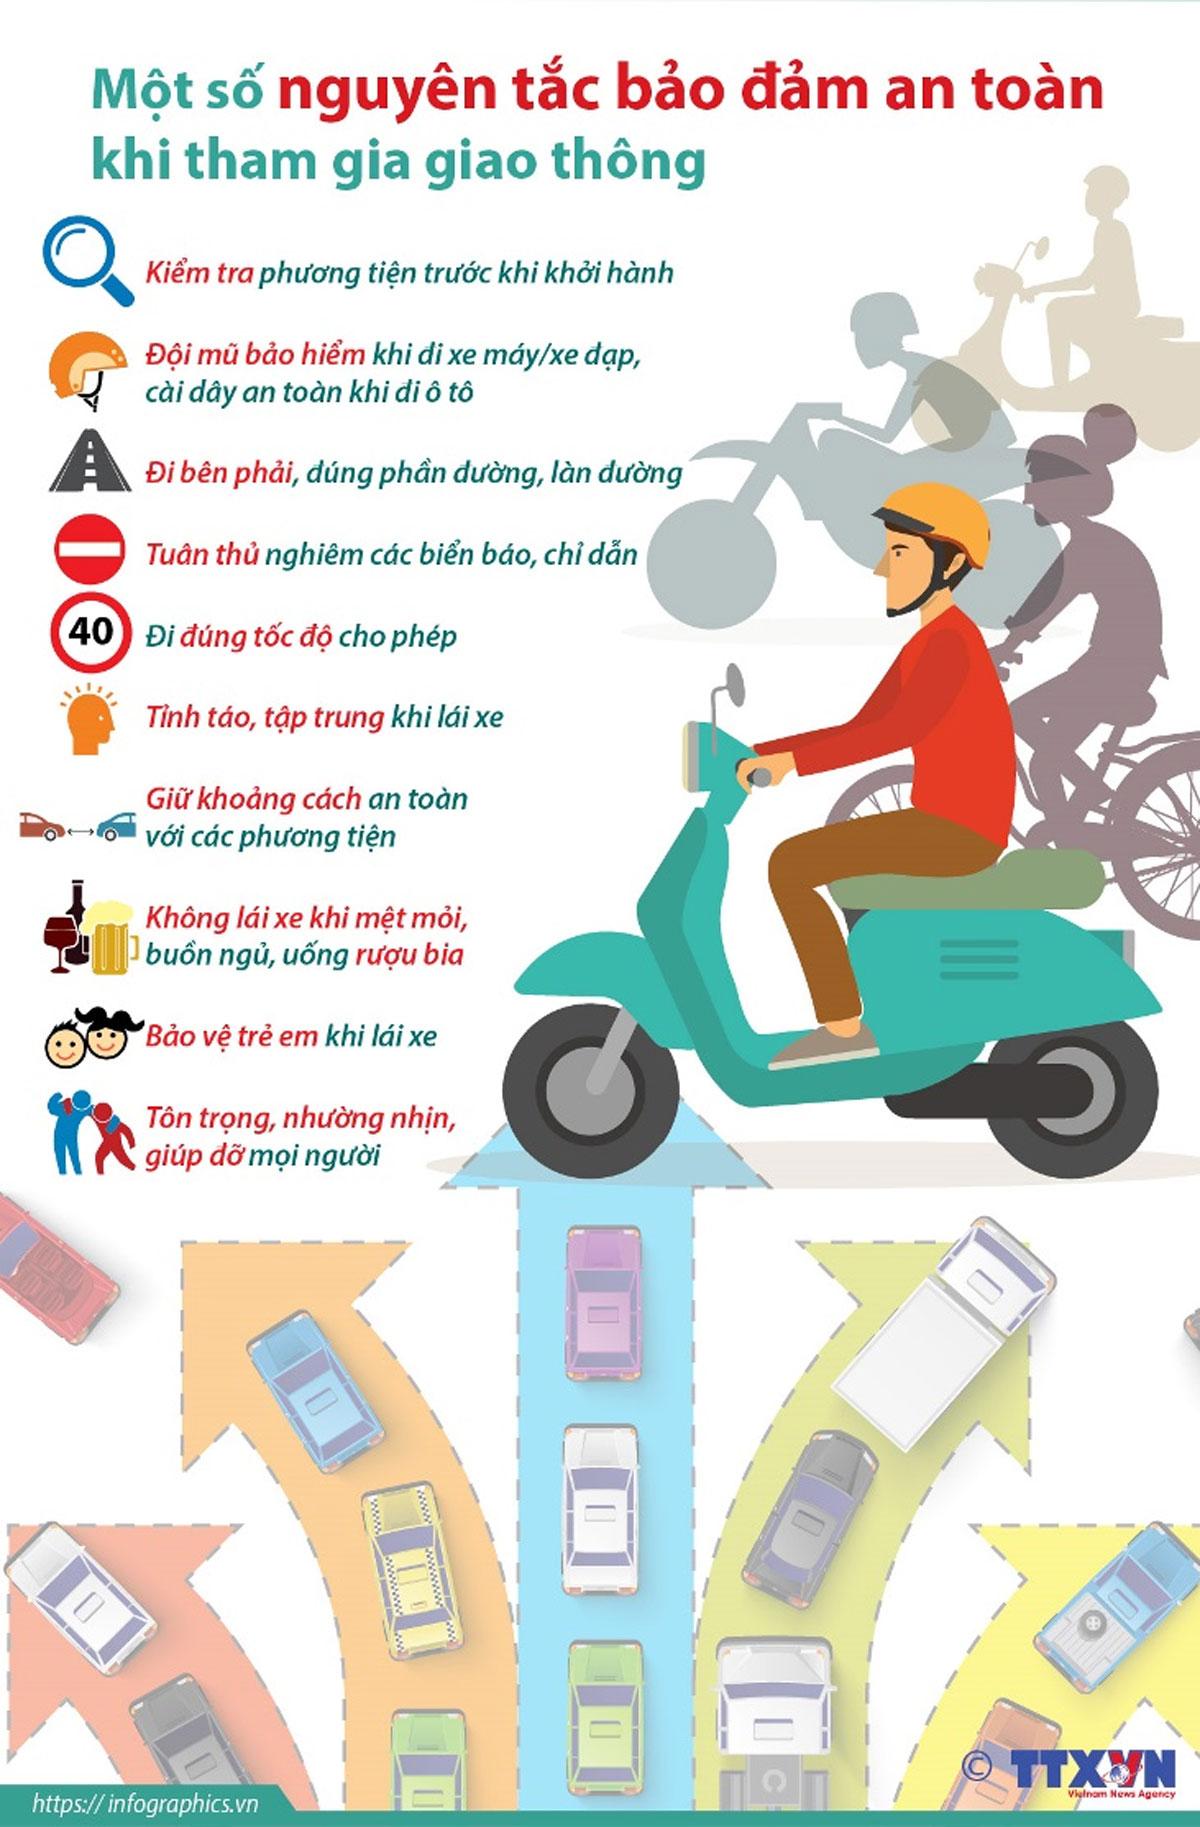 Quy tắc vàng, bảo đảm an toàn giao thông, Ngày thế giới tưởng niệm các nạn nhân tử vong do tai nạn giao thông